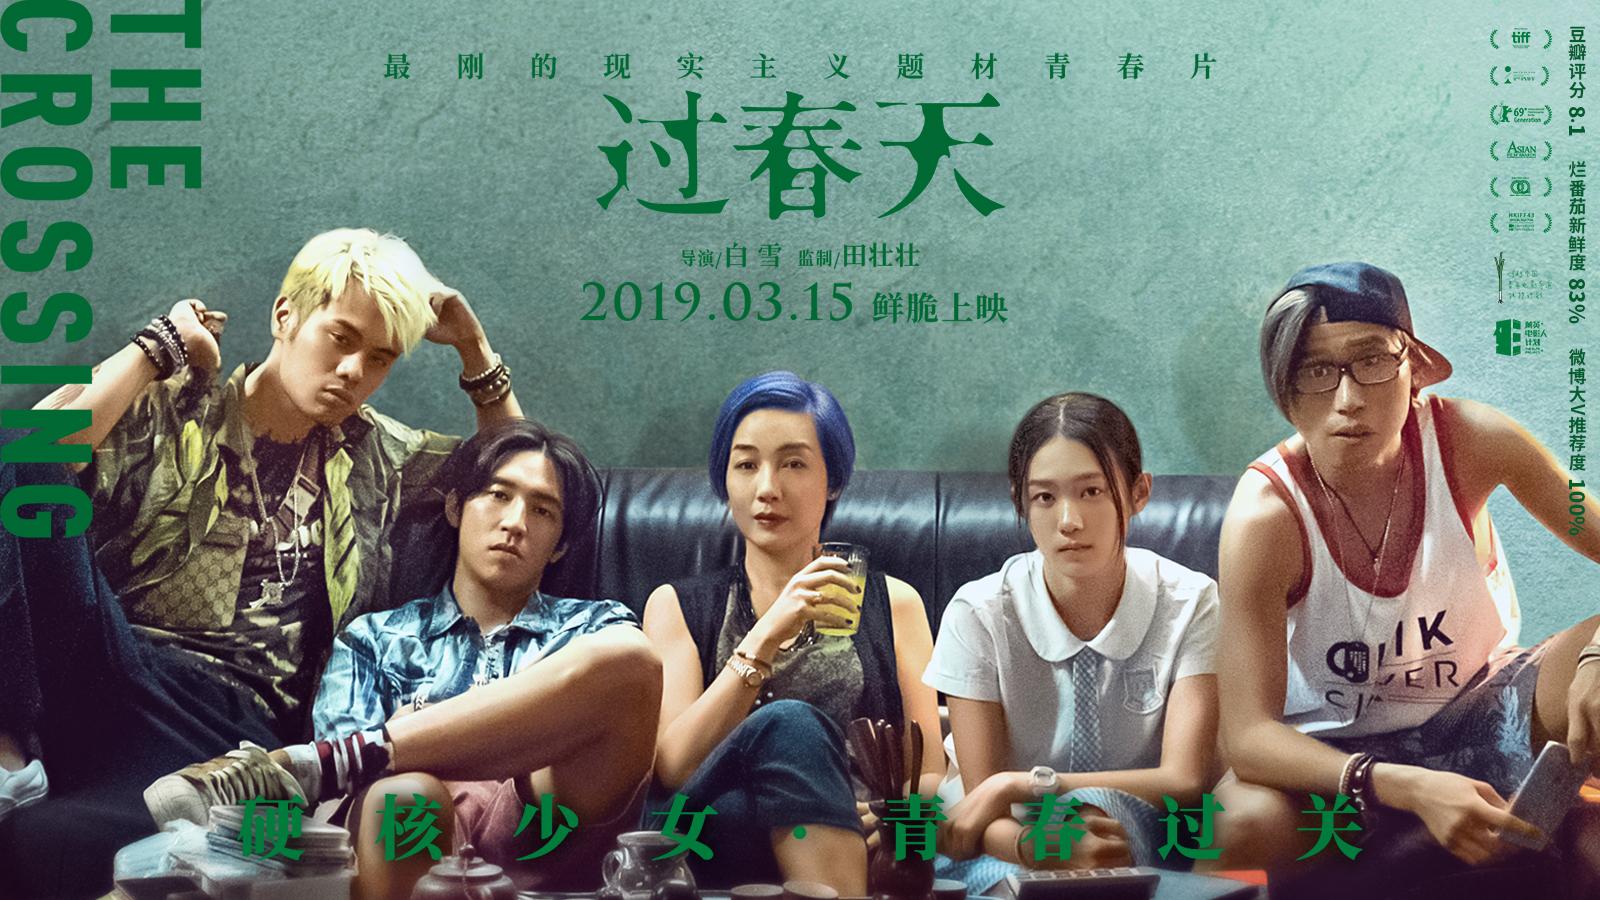 万达影视《过春天》发布终极海报 3月15日上映